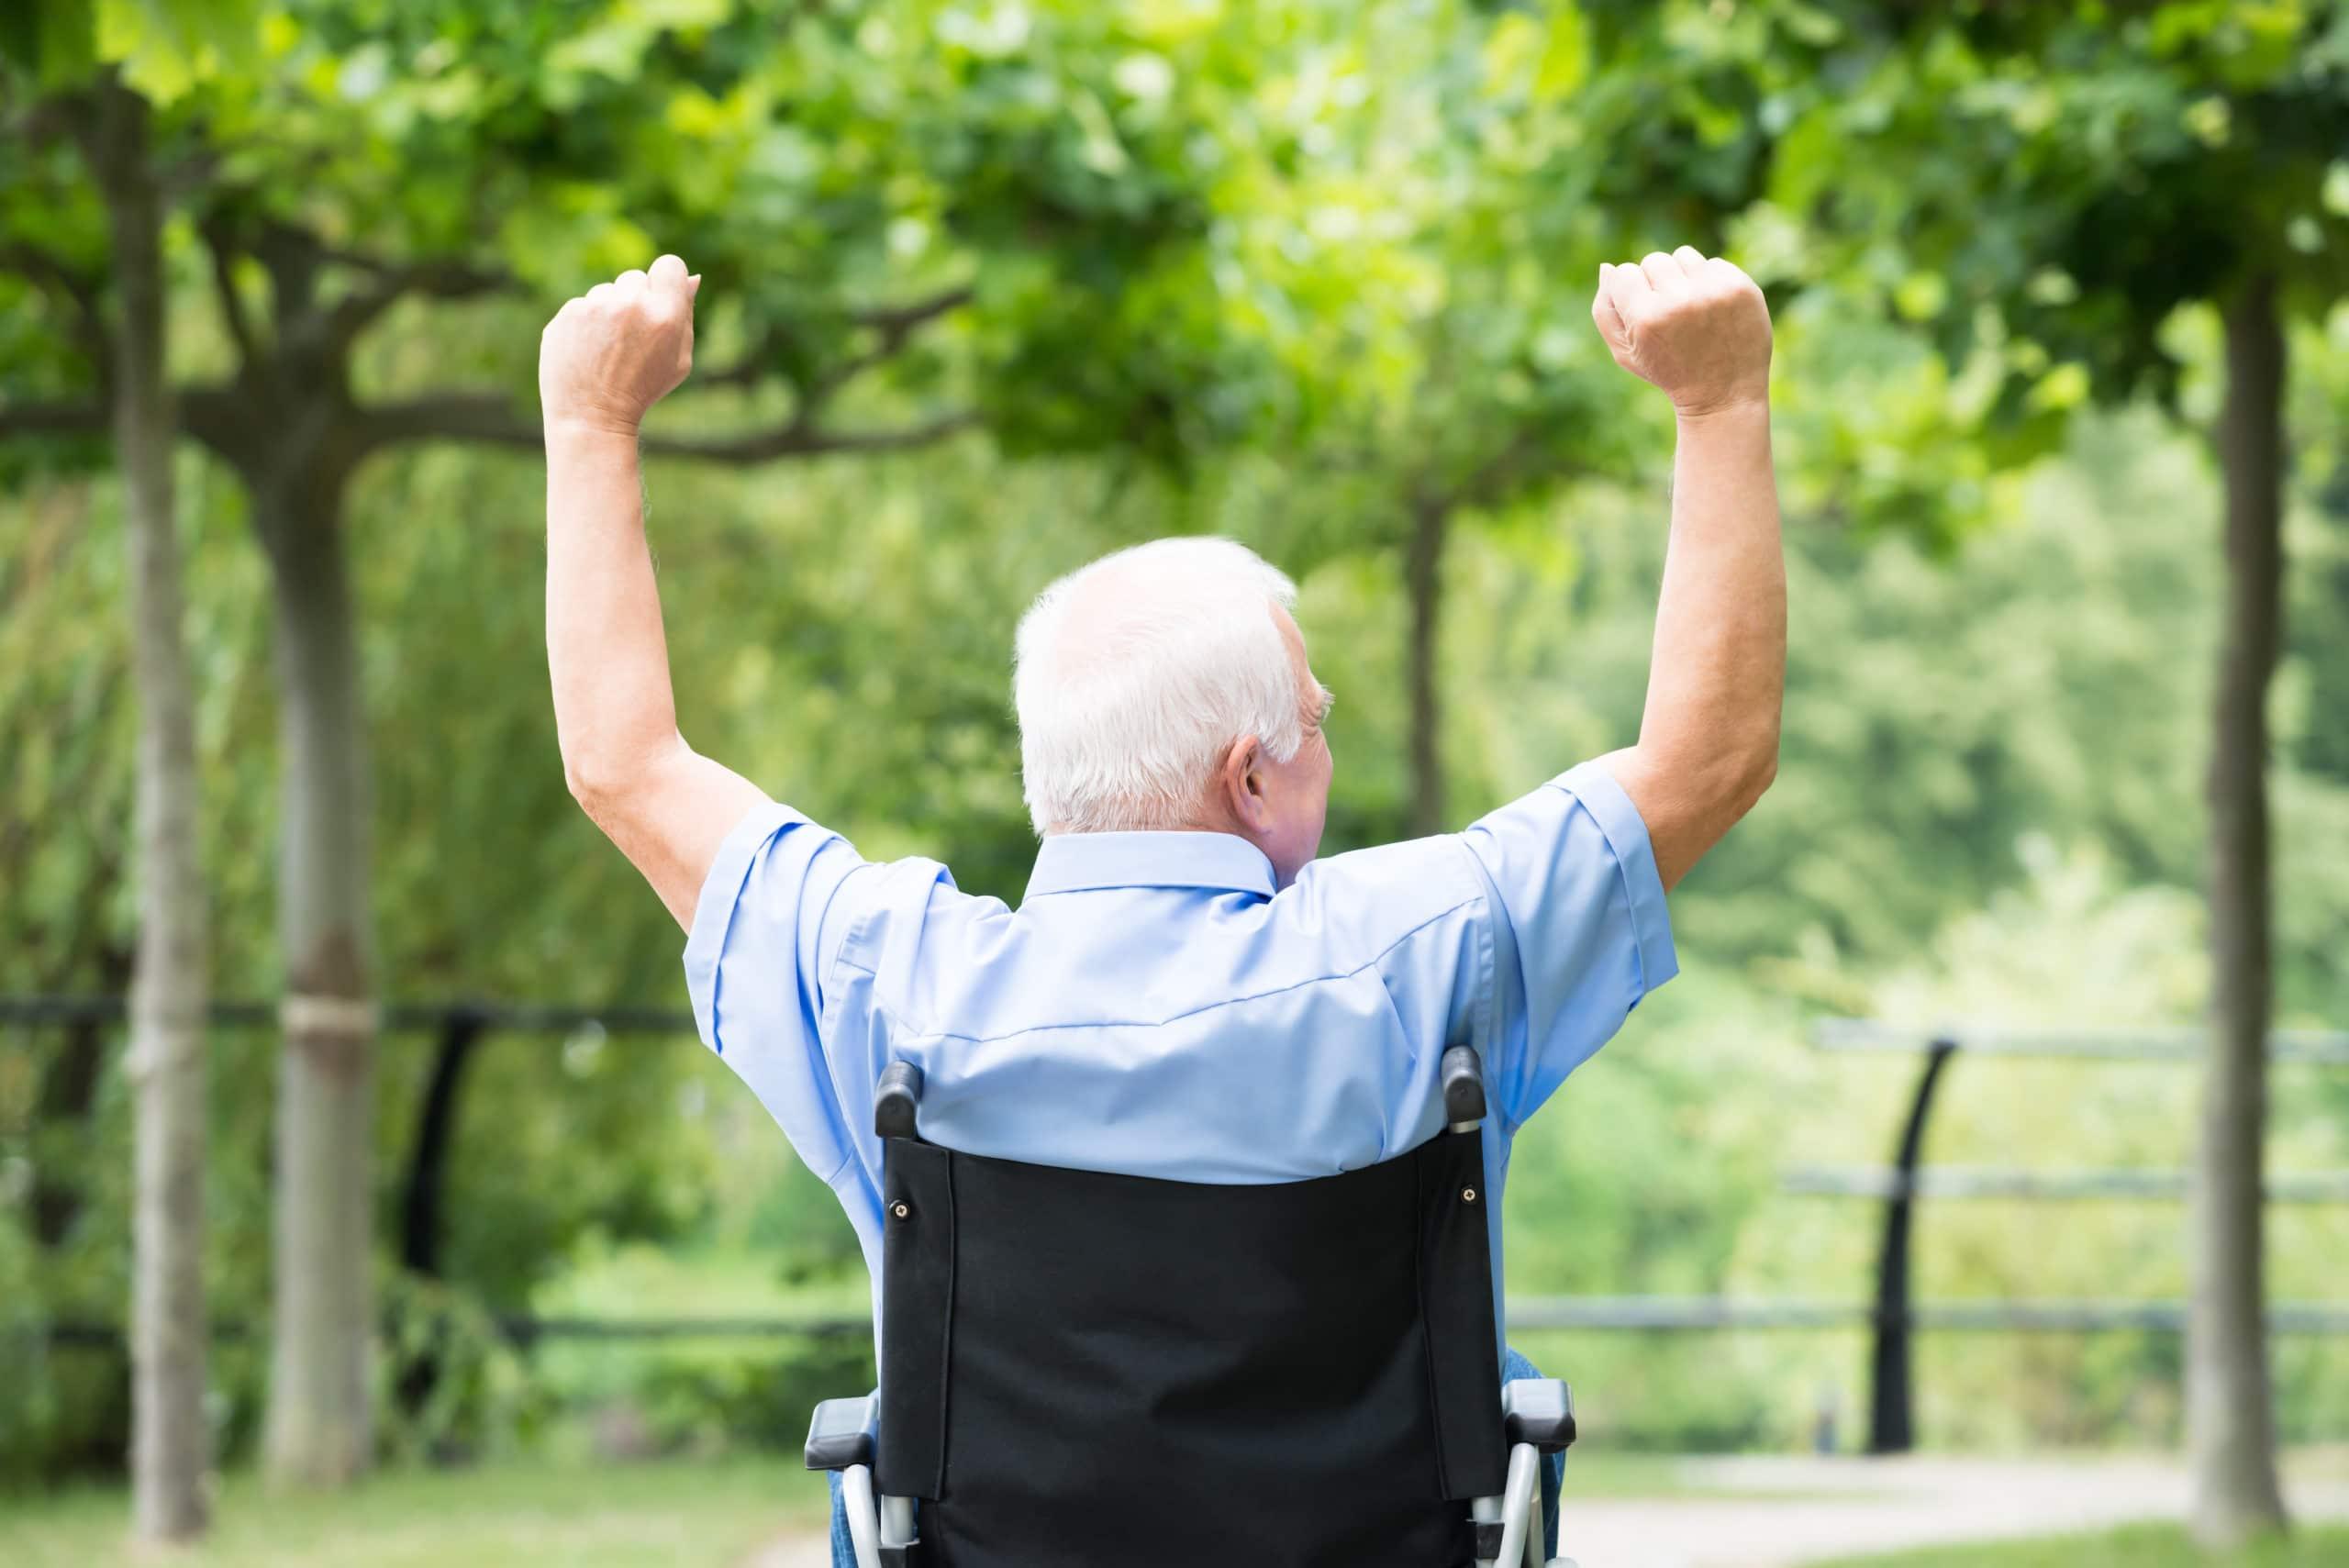 Rear view of a senior man in a wheelchair raising his arms.